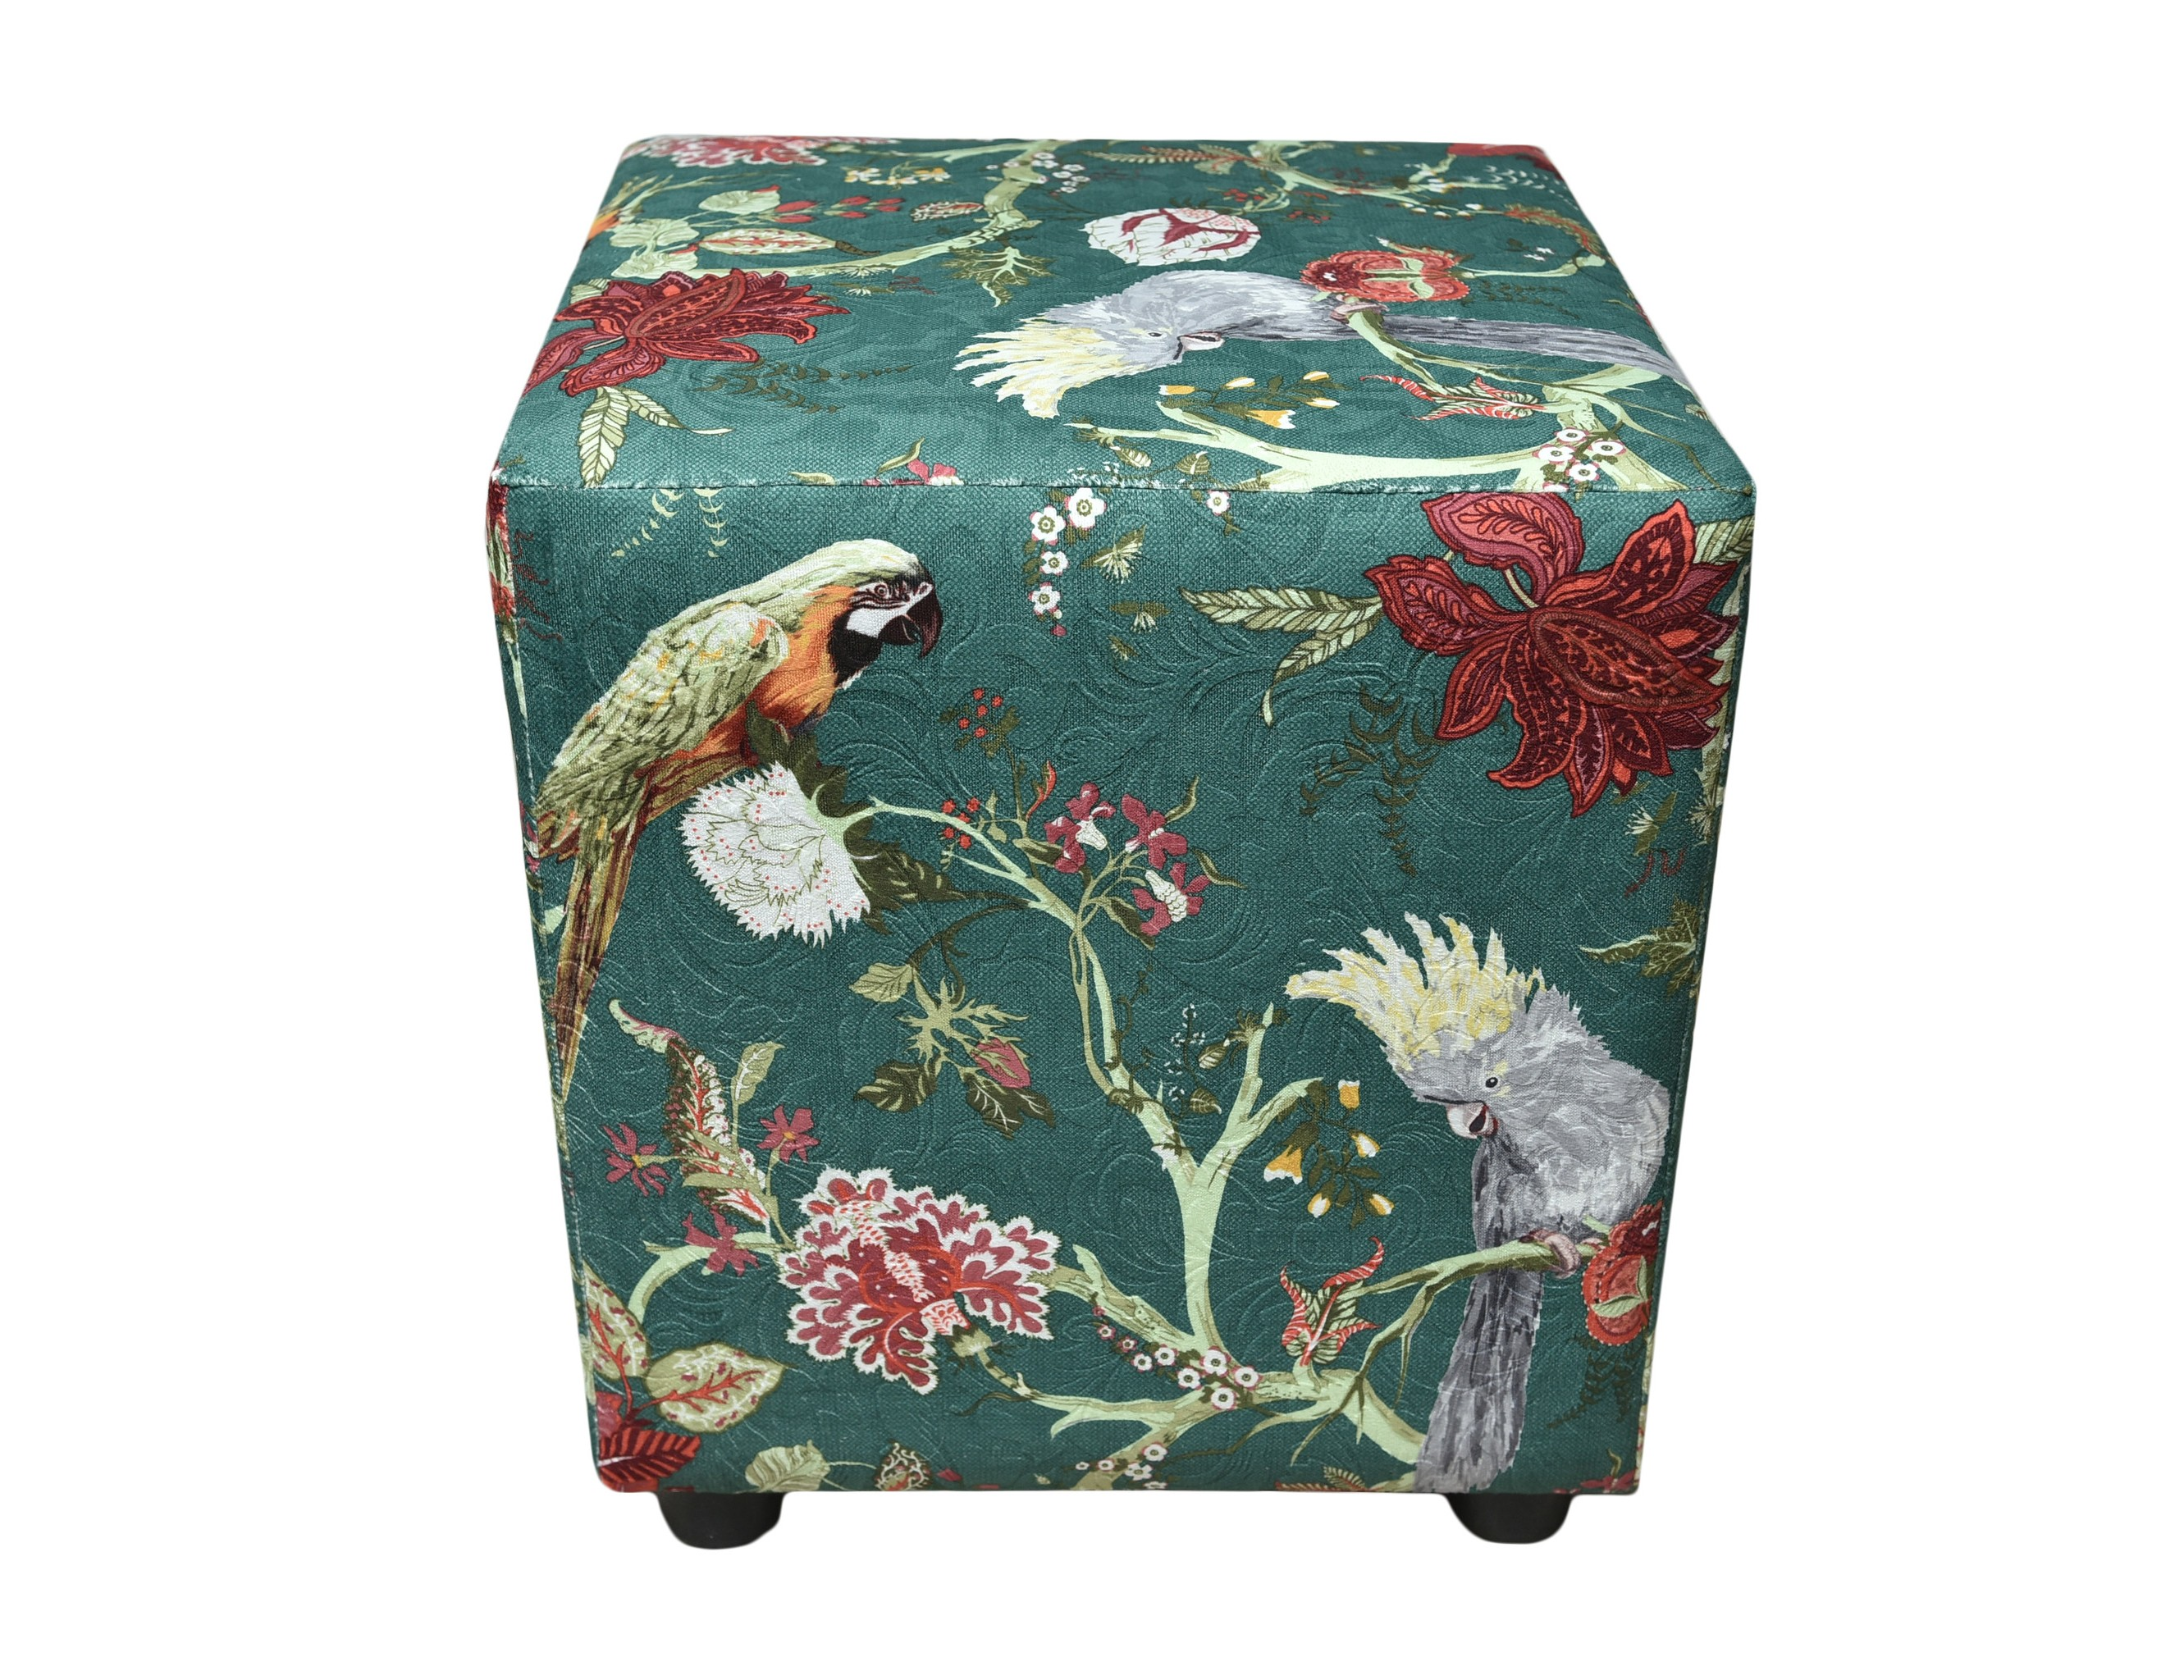 ПуфФорменные пуфы<br>Очень устойчивый пуф на деревянной основе станет незаменимым предметом декора или функциональной мебелью в вашем доме. А эксклюзивные ткани добавят изюминку в ваше пространство.<br><br>Material: Текстиль<br>Ширина см: 40<br>Высота см: 45<br>Глубина см: 40